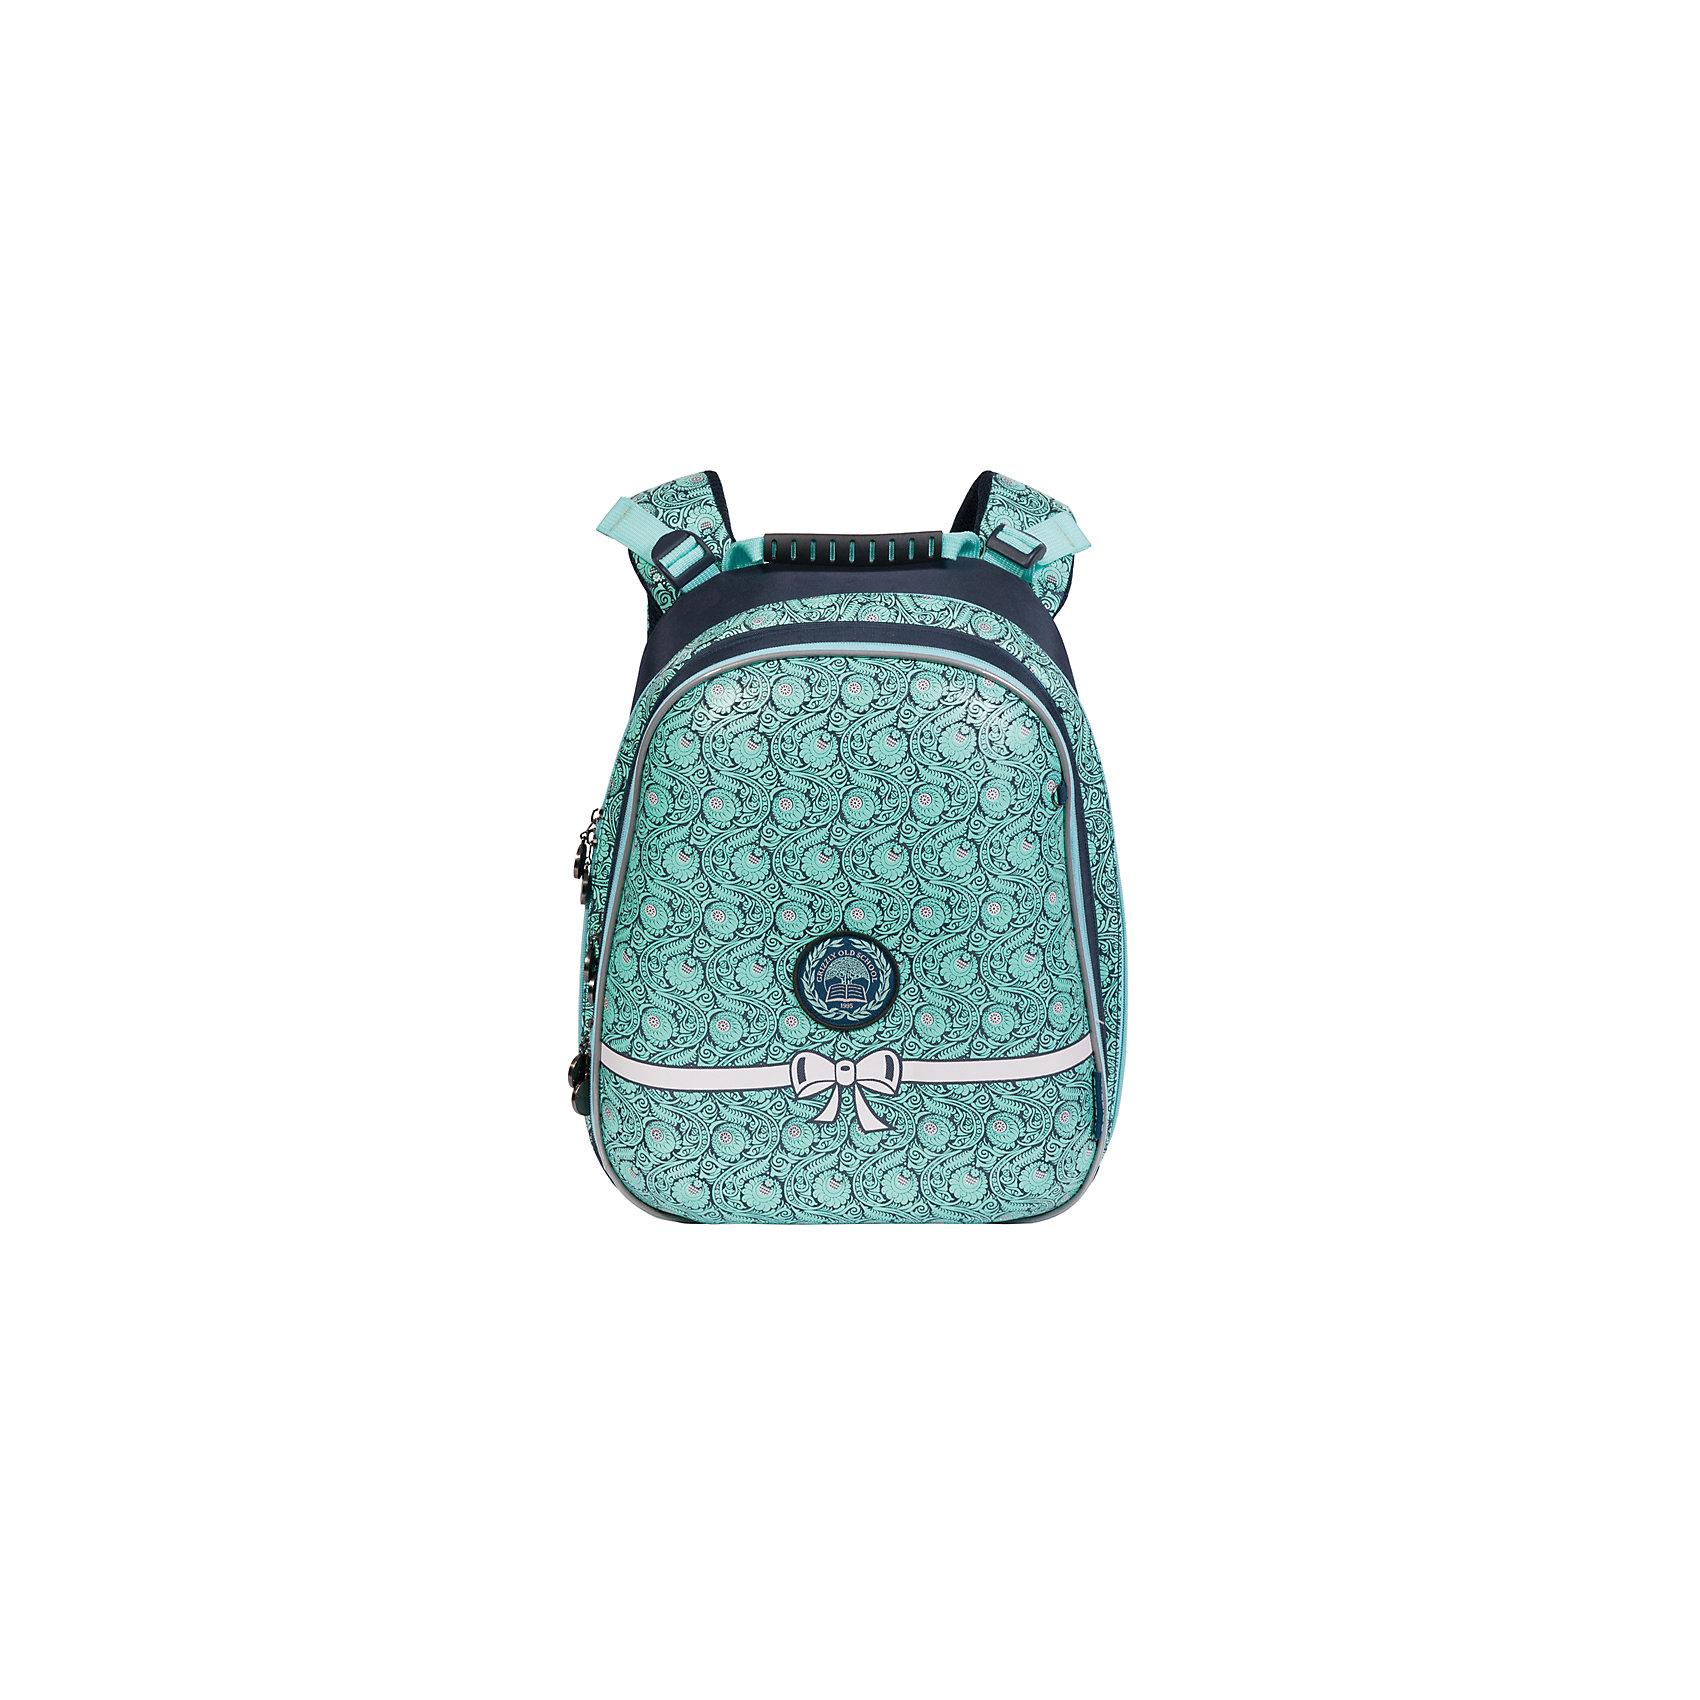 Grizzly Рюкзак школьный, синийРюкзаки<br>Рюкзак, синий, Grizzly (Гризли) ? рюкзак отечественного бренда Гризли молодежной серии. Рюкзак выполнен из нейлона высокого качества, что обеспечивает легкий вес, но при этом надежность и прочность. Все швы выполнены капроновыми нитками, что делает швы особенно крепкими и устойчивыми к износу даже в течение нескольких лет. <br>Внутреннее устройство рюкзака состоит из трех вместительных отсеков, составного пенала-органайзера и разделительной перегородки-органайзера. Удобство и эргономичность рюкзака обеспечивается жесткой анатомической спинкой и регулируемыми укрепленными лямками. Также имеется дополнительная ручка-петля. На рюкзаке с четырех сторон имеются светоотражающие нашивки-эмблемы. В комплекте идет брелок с застежкой на карабине. Данную модель рекомендуется приобретать, в первую очередь, школьникам, у которых имеются нарушения осанки и тем, кому приходится преодолевать долгий путь до школы. Уникальность рюкзаков Grizzly заключается в том, что анатомическая спинка изготовлена из специальной ткани, которая пропускает воздух, тем самым защищает спину от повышенного потоотделения. <br>Рюкзаки молодежной серии Grizzly (Гризли) ? это не только удобство и функциональность, это еще и оригинальный современный дизайн. Рюкзак, синий, Grizzly (Гризли) выполнен в классическом стиле: нежный цветочный принт, расположенный на передней стенке, повторяется на лямках.<br>Рюкзак, синий, Grizzly (Гризли) ? это качество материалов, удобство и долговечность использования. <br><br>Дополнительная информация:<br><br>- Вес: 1 кг 338 г<br>- Габариты (Д*Г*В): 29*23*39 см<br>- Цвет: черный, синий, голубой, бирюзовый<br>- Материал: нейлон <br>- Сезон: круглый год<br>- Коллекция: молодежная <br>- Год коллекции: 2016 <br>- Пол: женский<br>- Предназначение: для школы<br>- Особенности ухода: можно чистить влажной щеткой или губкой, допускается ручная стирка<br><br>Подробнее:<br><br>• Для школьников в возрасте: от 8 лет и до 12 лет<br>• Страна производит